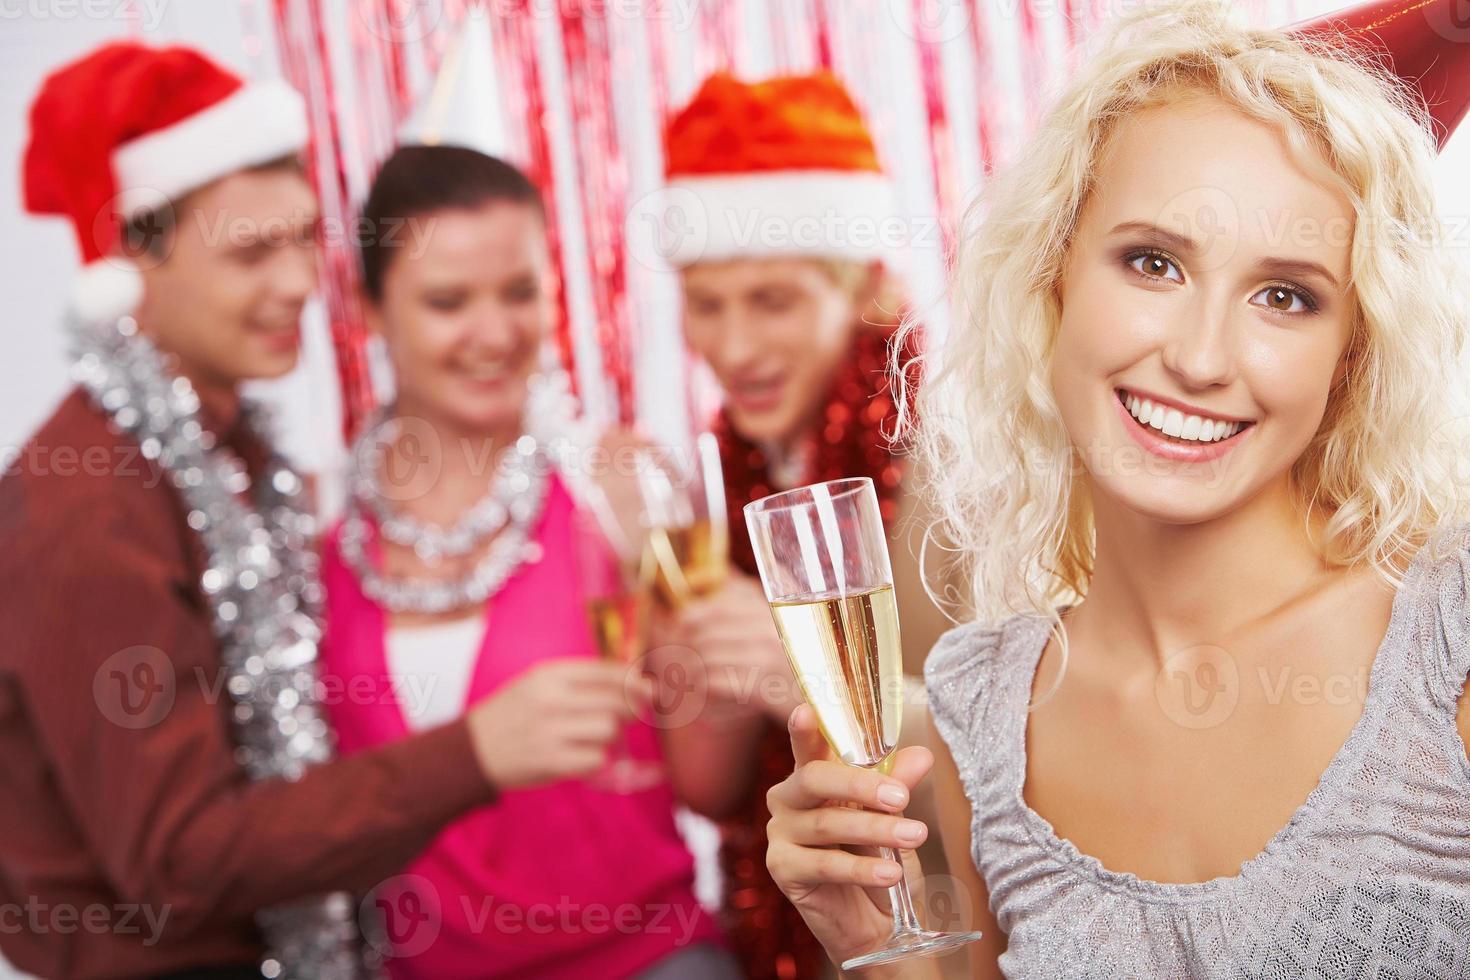 donna con champagne foto